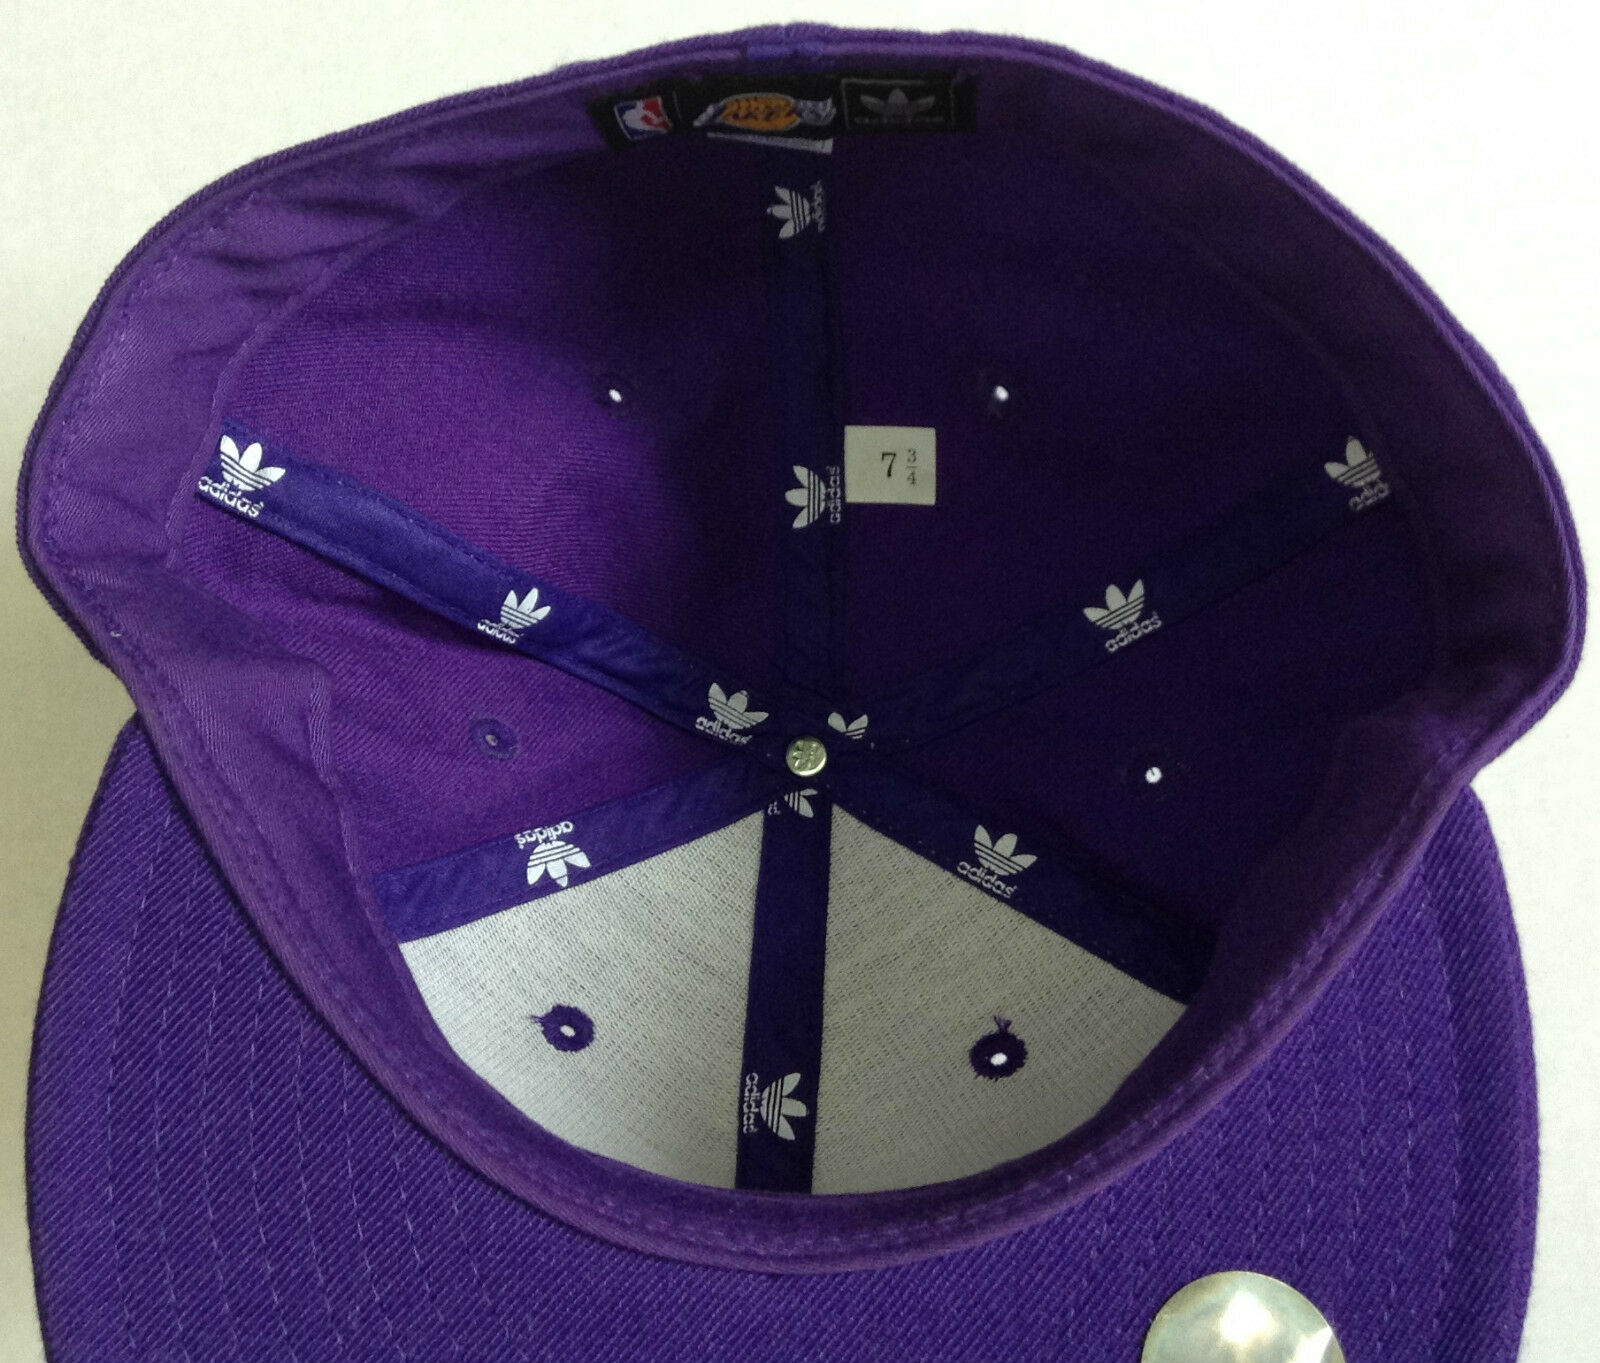 NBA Los Angeles Lakers Adidas Fitted Mütze Mütze Mütze Hut Neu 583d29